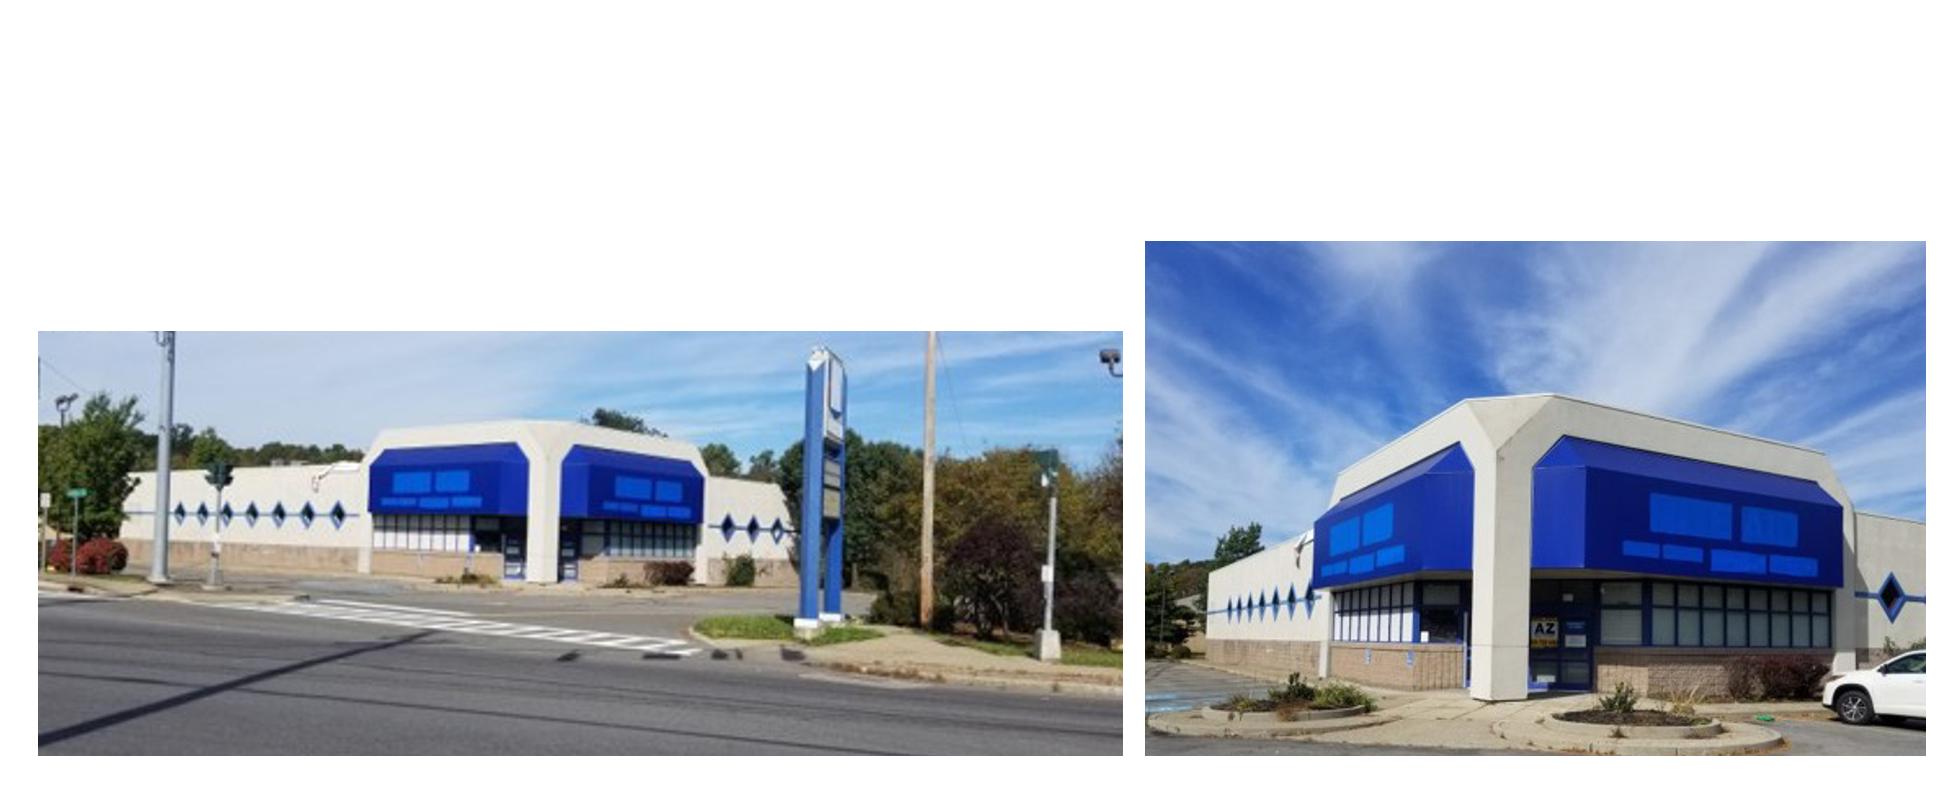 Rite Aid Building Sub-lease in Catskill